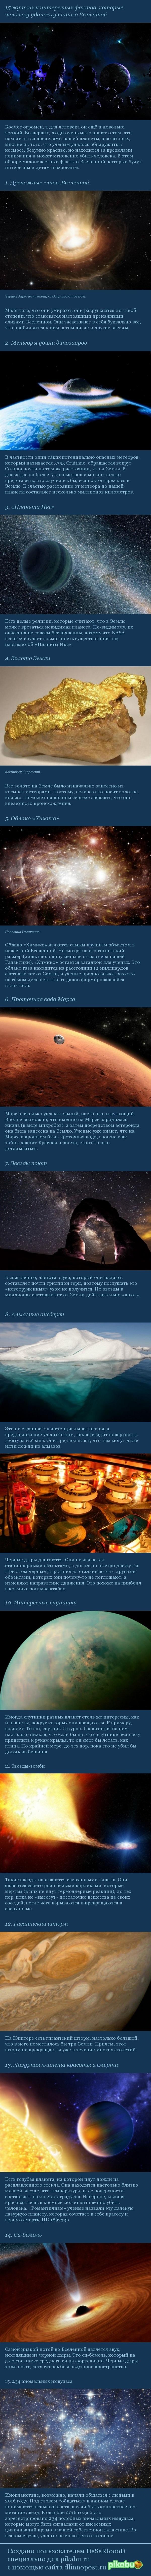 15 жутких и интересных фактов, которые человеку удалось узнать о Вселенной/ Космос, вселенная, факты, длиннопост